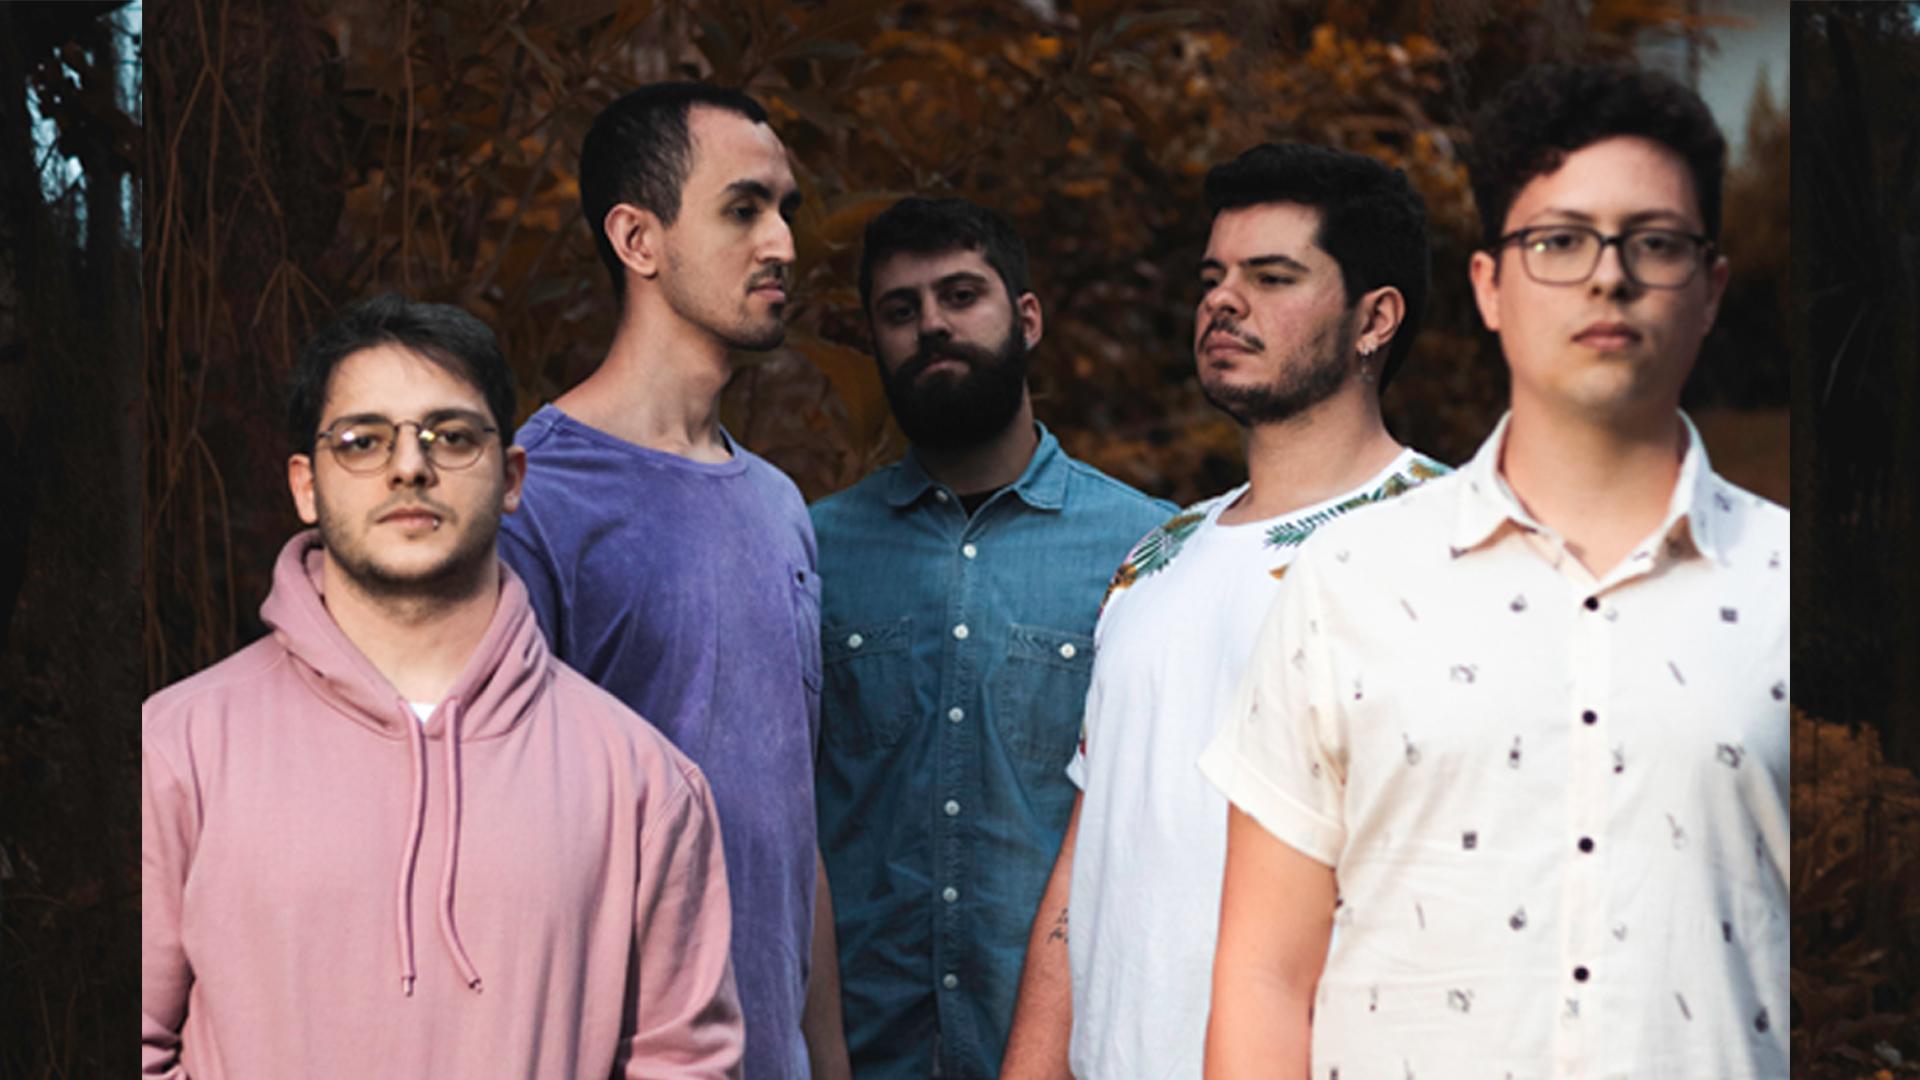 #NuevosRuidos: lo mejor del indie brasileño con Sound Bullet